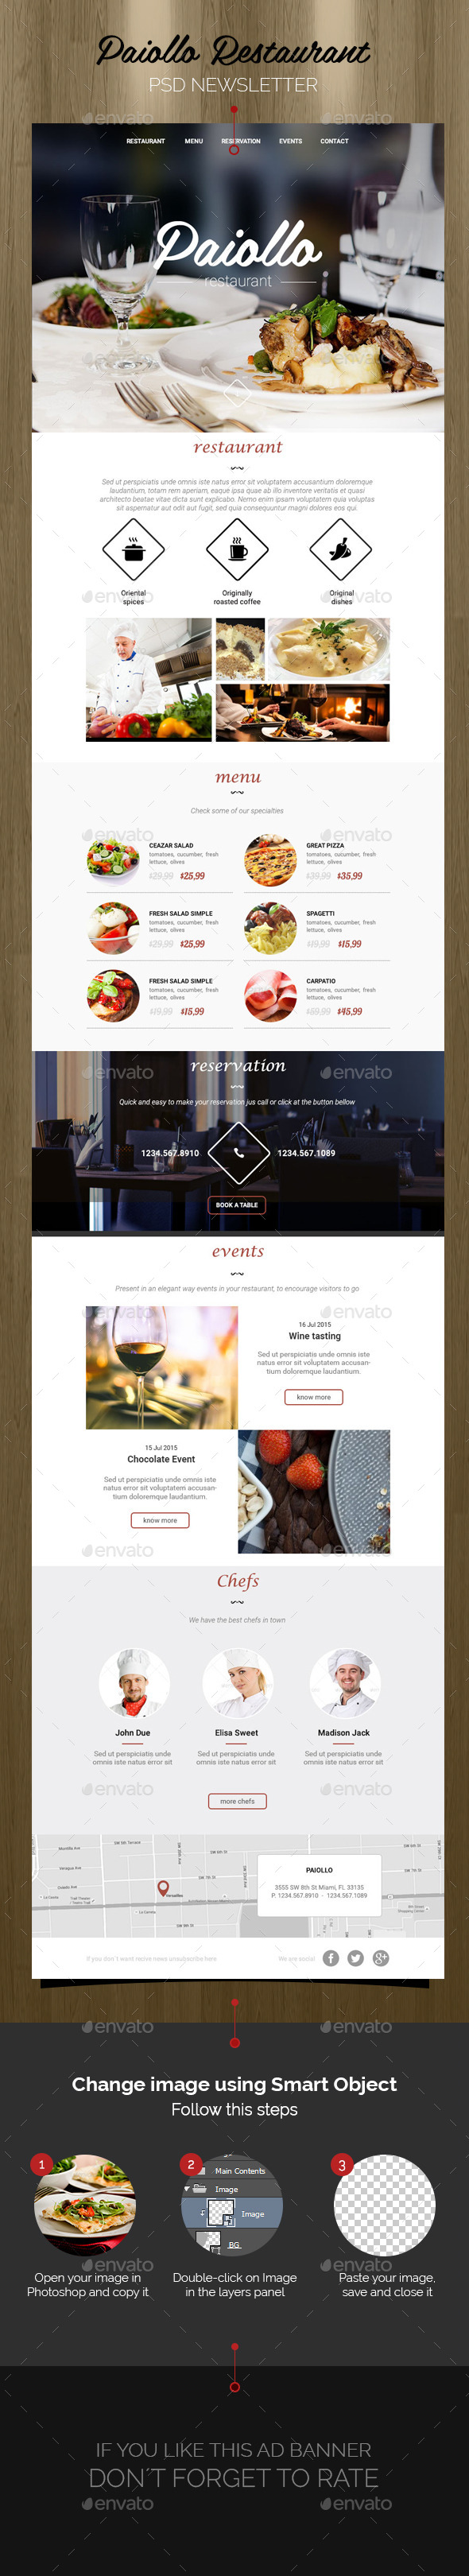 paiollo restaurant newsletter template psd dicas pinterest